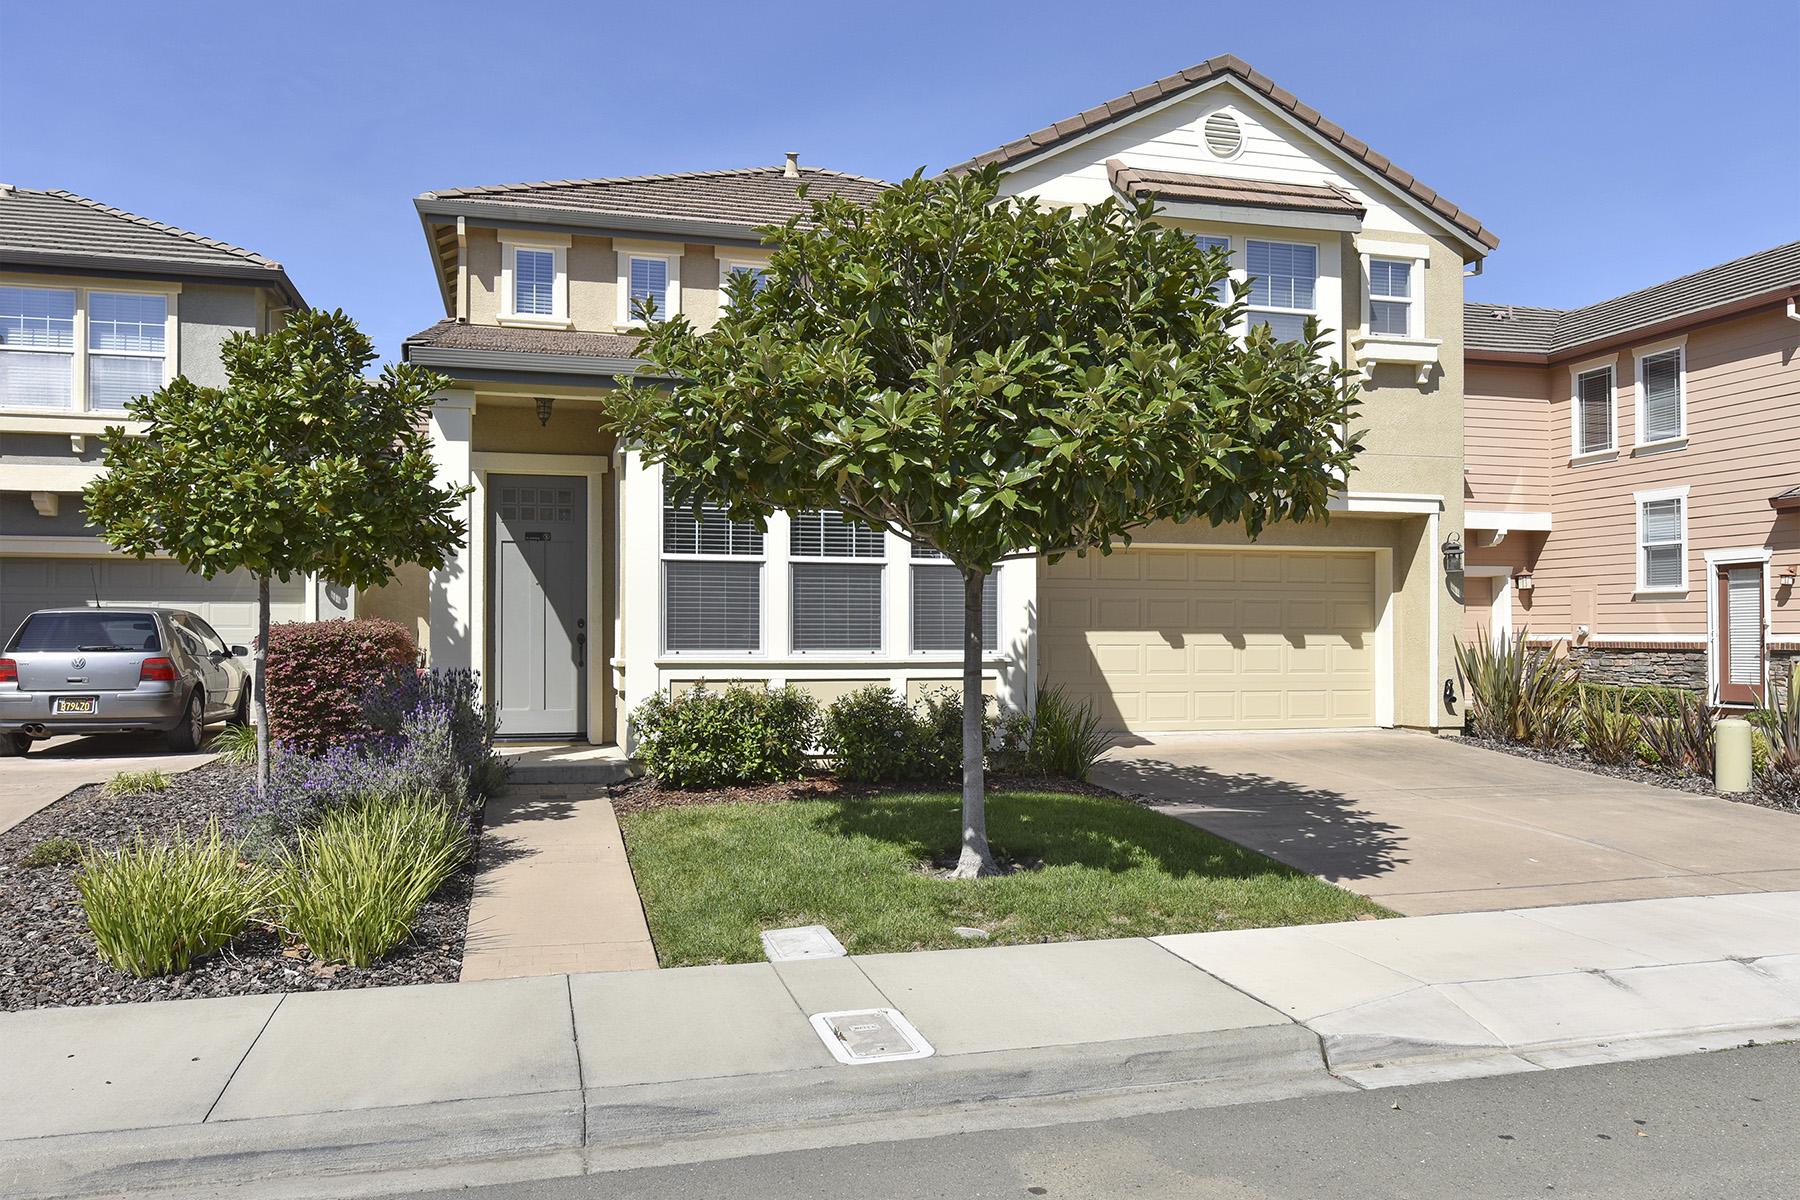 Частный односемейный дом для того Продажа на 3249 Von Uhlit Ranch Rd, Napa, CA 94558 3249 Von Uhlit Ranch Rd Napa, Калифорния, 94558 Соединенные Штаты